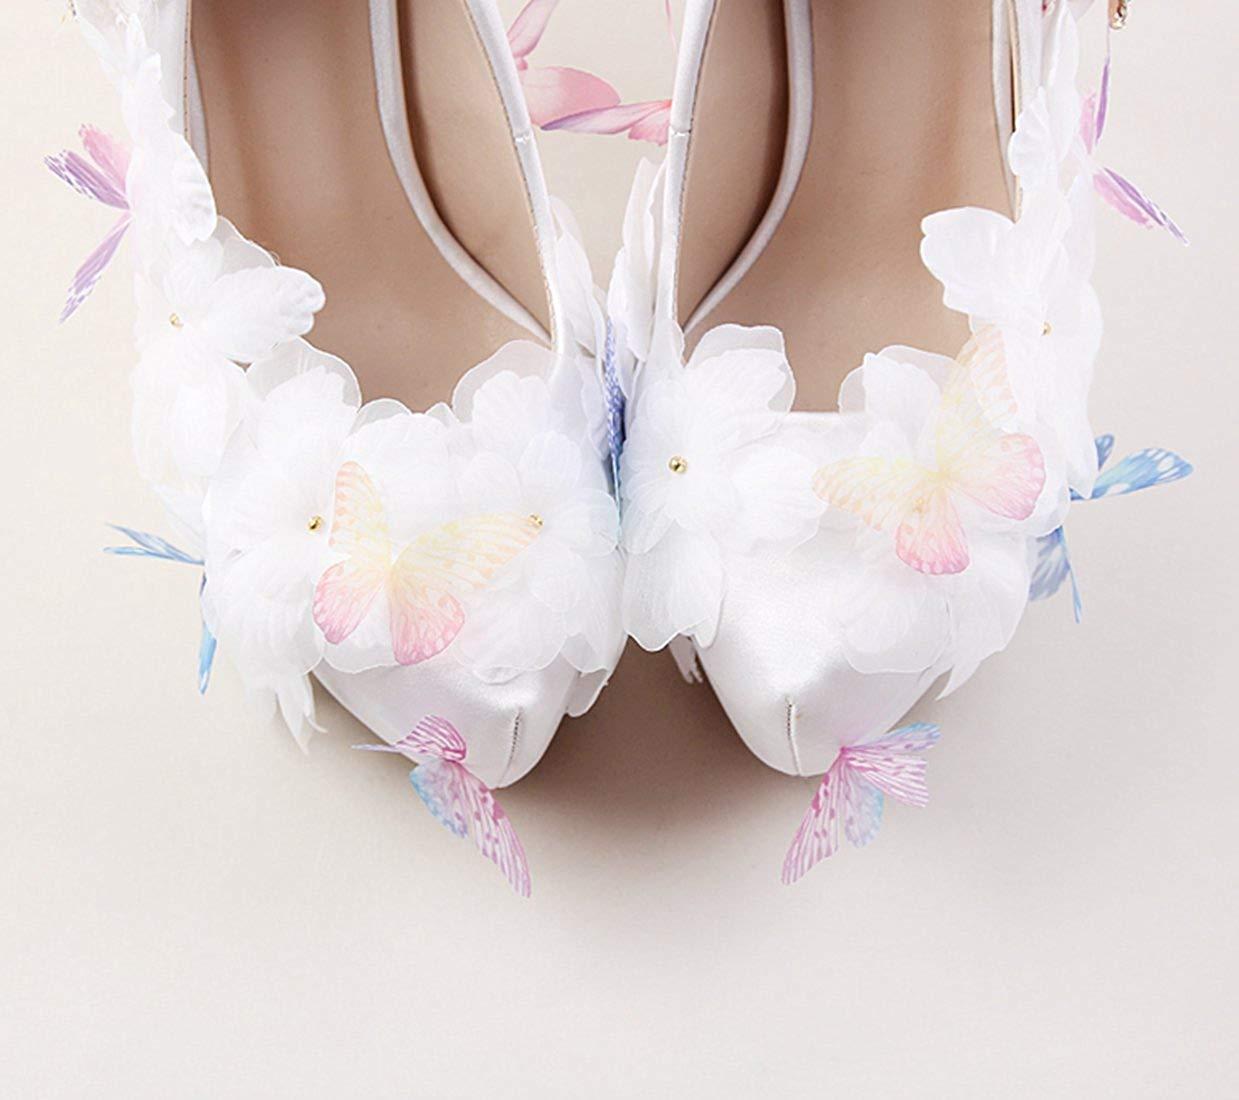 Qiusa Damen Luxuriöse Applique Platform Weiß Satin Satin Satin Braut Hochzeit Slip-on Schuhe UK 6 (Farbe   - Größe   -) 2396df